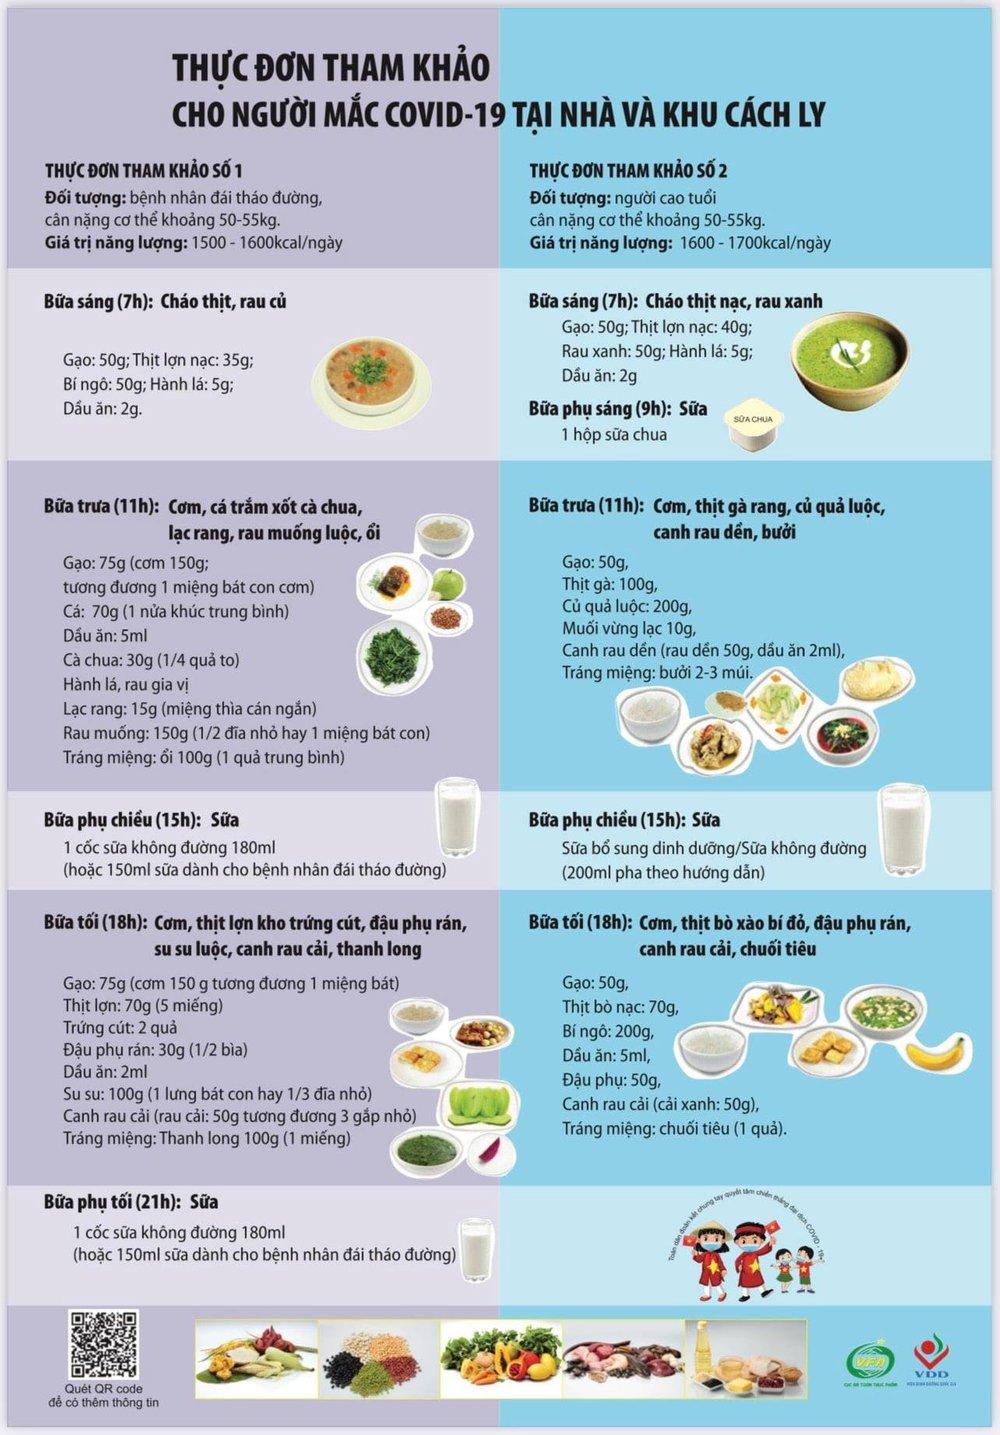 Bộ Y tế khuyến cáo về dinh dưỡng và thực phẩm giúp người mắc COVID-19 nhanh chóng bình phục - Ảnh 2.